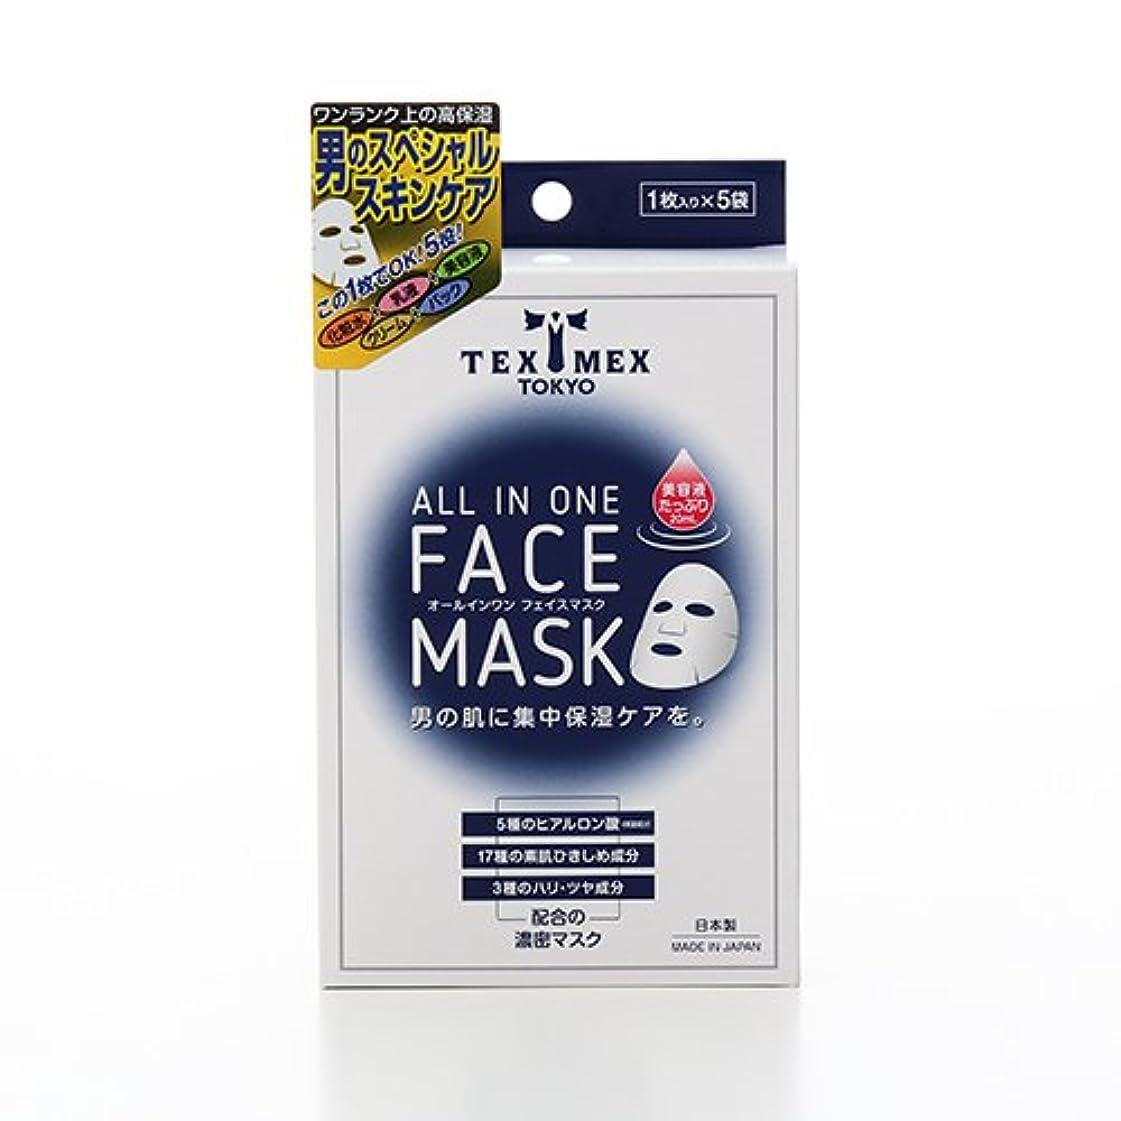 アクセスできない北極圏失効テックスメックス オールインワンフェイスマスク 5袋入り 【シート状美容マスク】